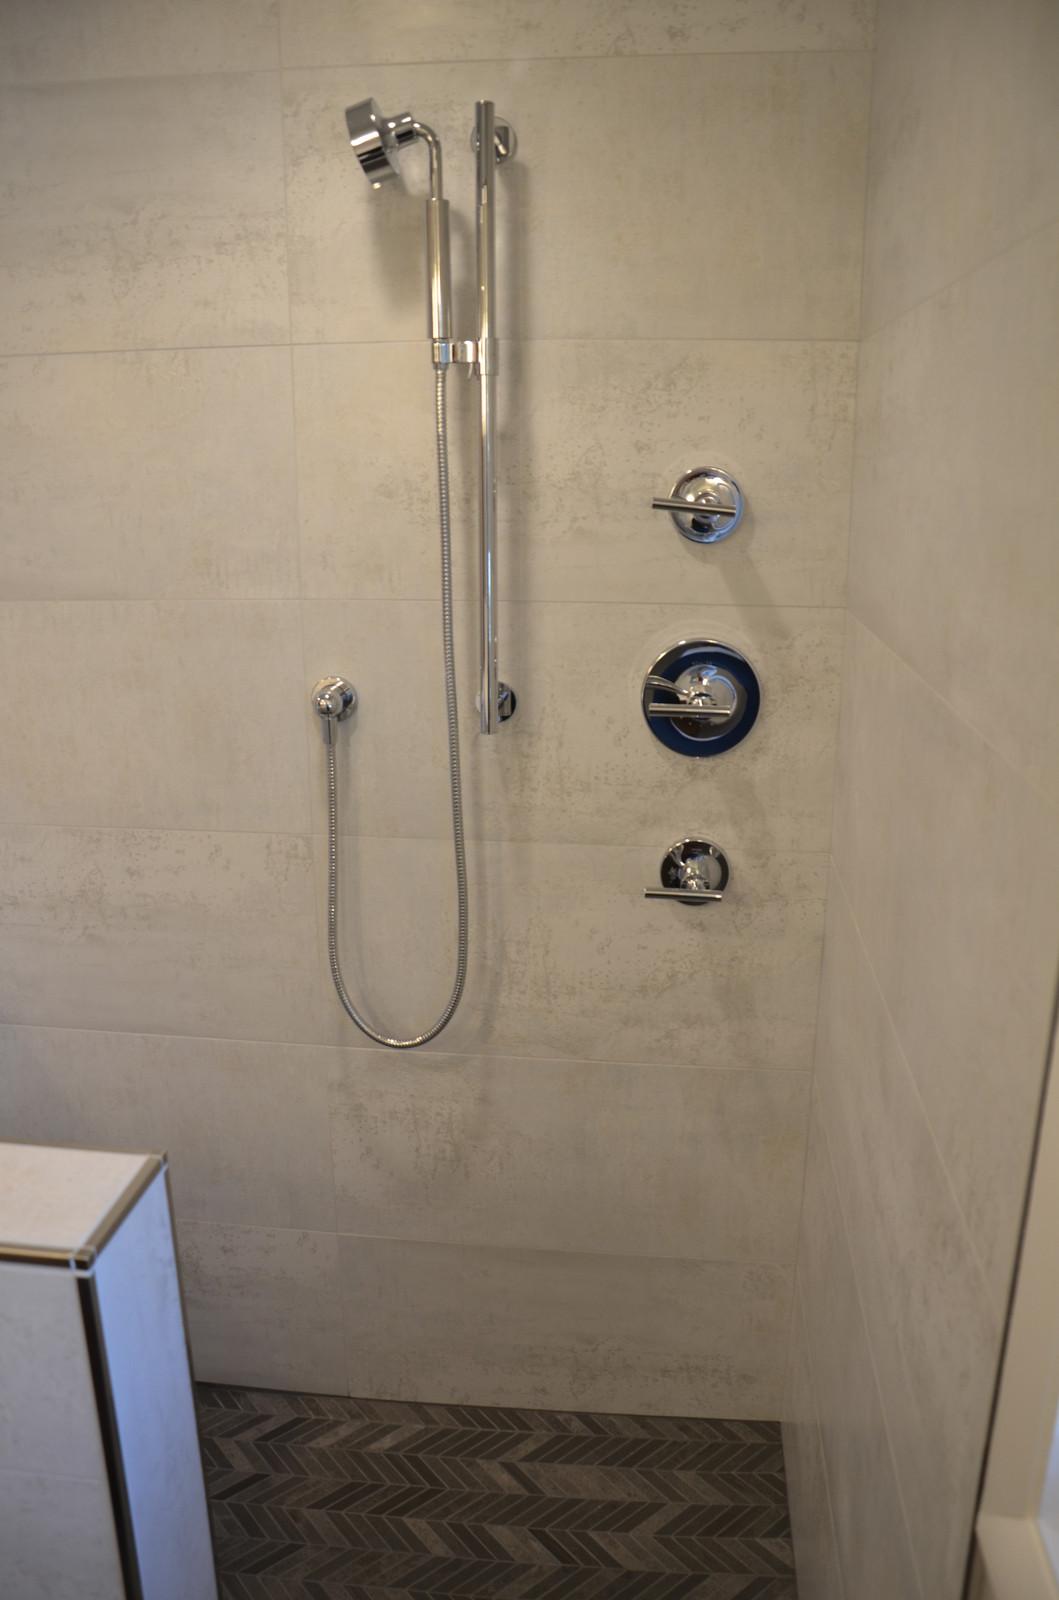 Kohler Purist Shower Trim In Chrome